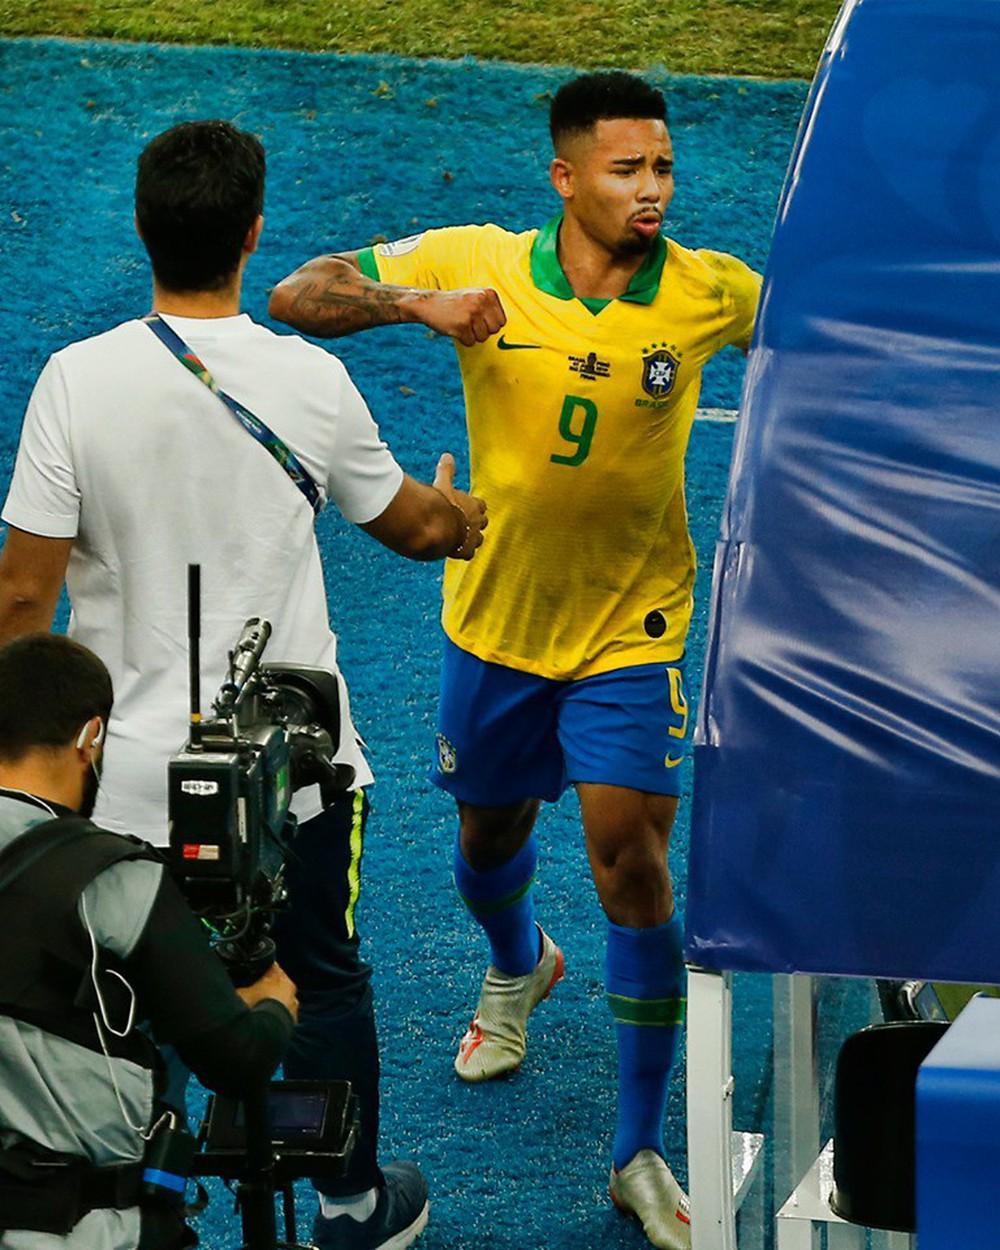 Ghi bàn, kiến tạo rồi ăn thẻ đỏ, tiền đạo Brazil sút tung chai nước, đẩy ngã màn hình VAR rồi khóc như trẻ con trong đường hầm - Ảnh 3.